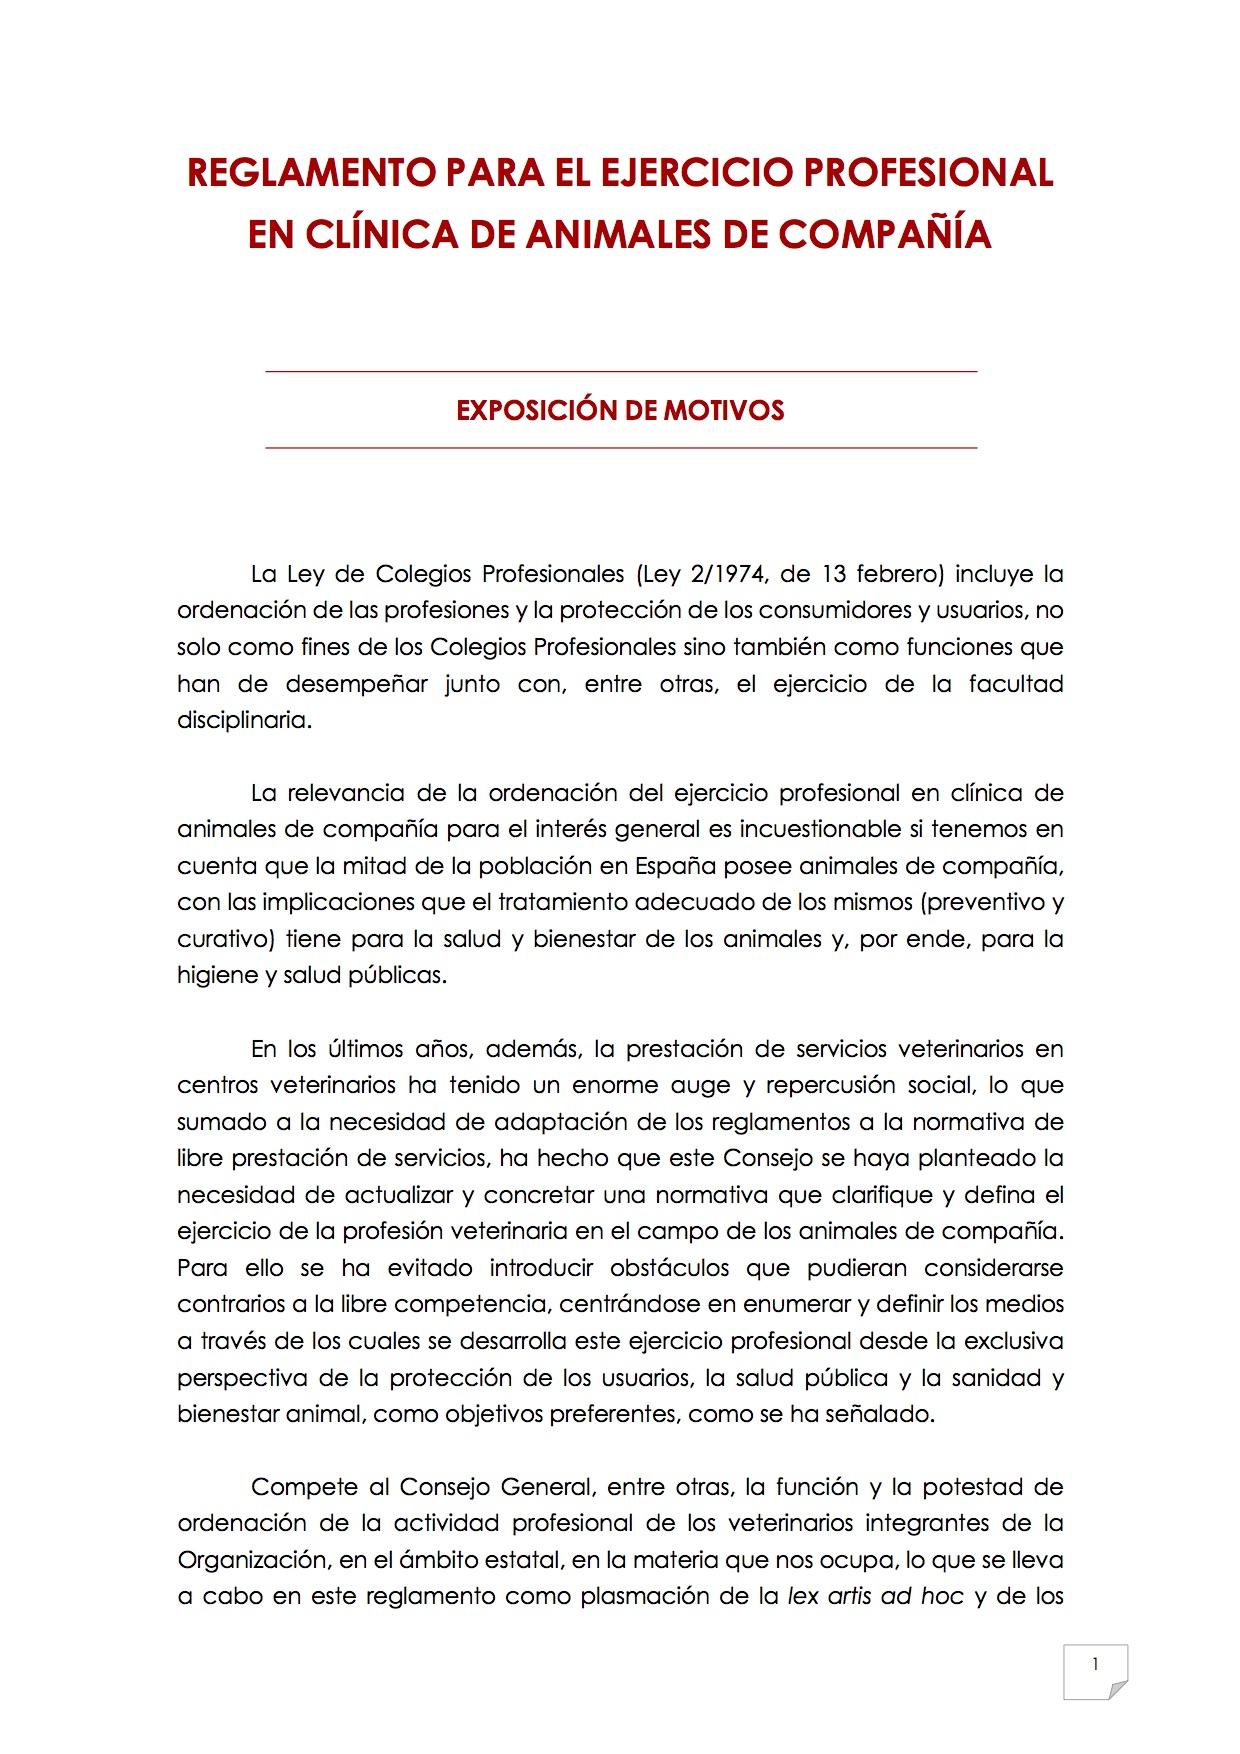 2015_07_11 2REGLAMENTO PARA EL EJERCICIO PROFESIONAL EN CLÍNICA DE ANIMALES DE COMPAÑÍA